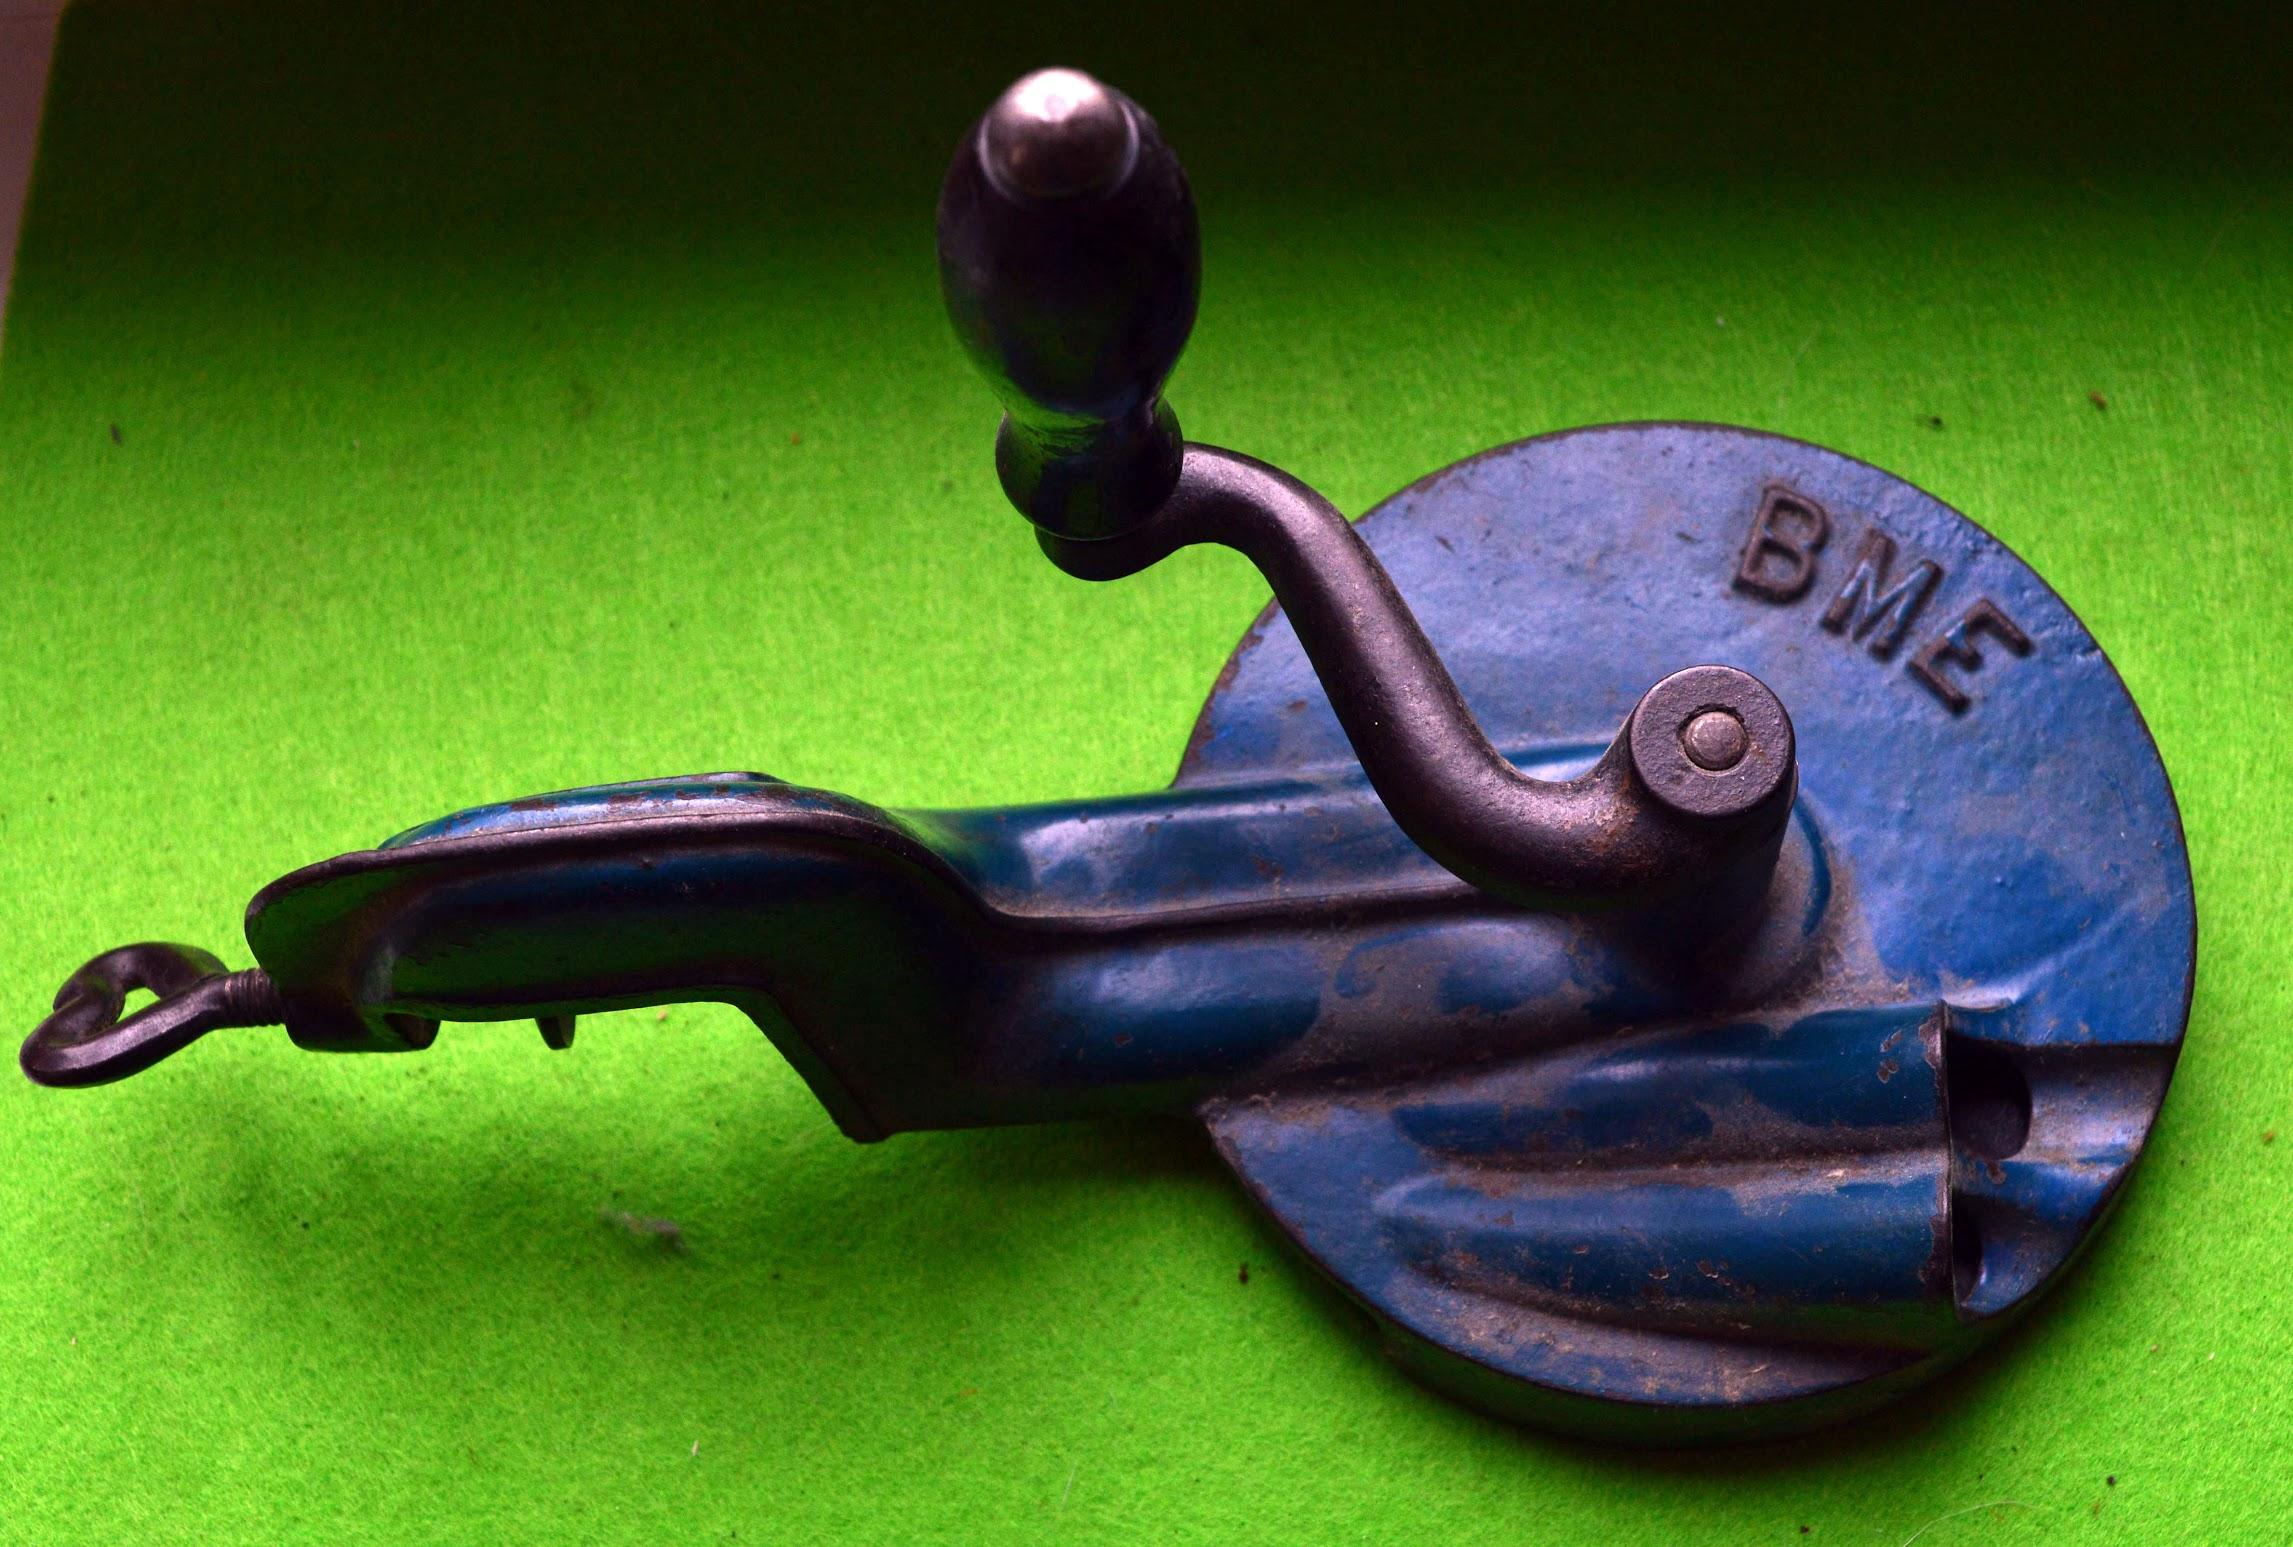 BME Bohnenschnippelmaschine